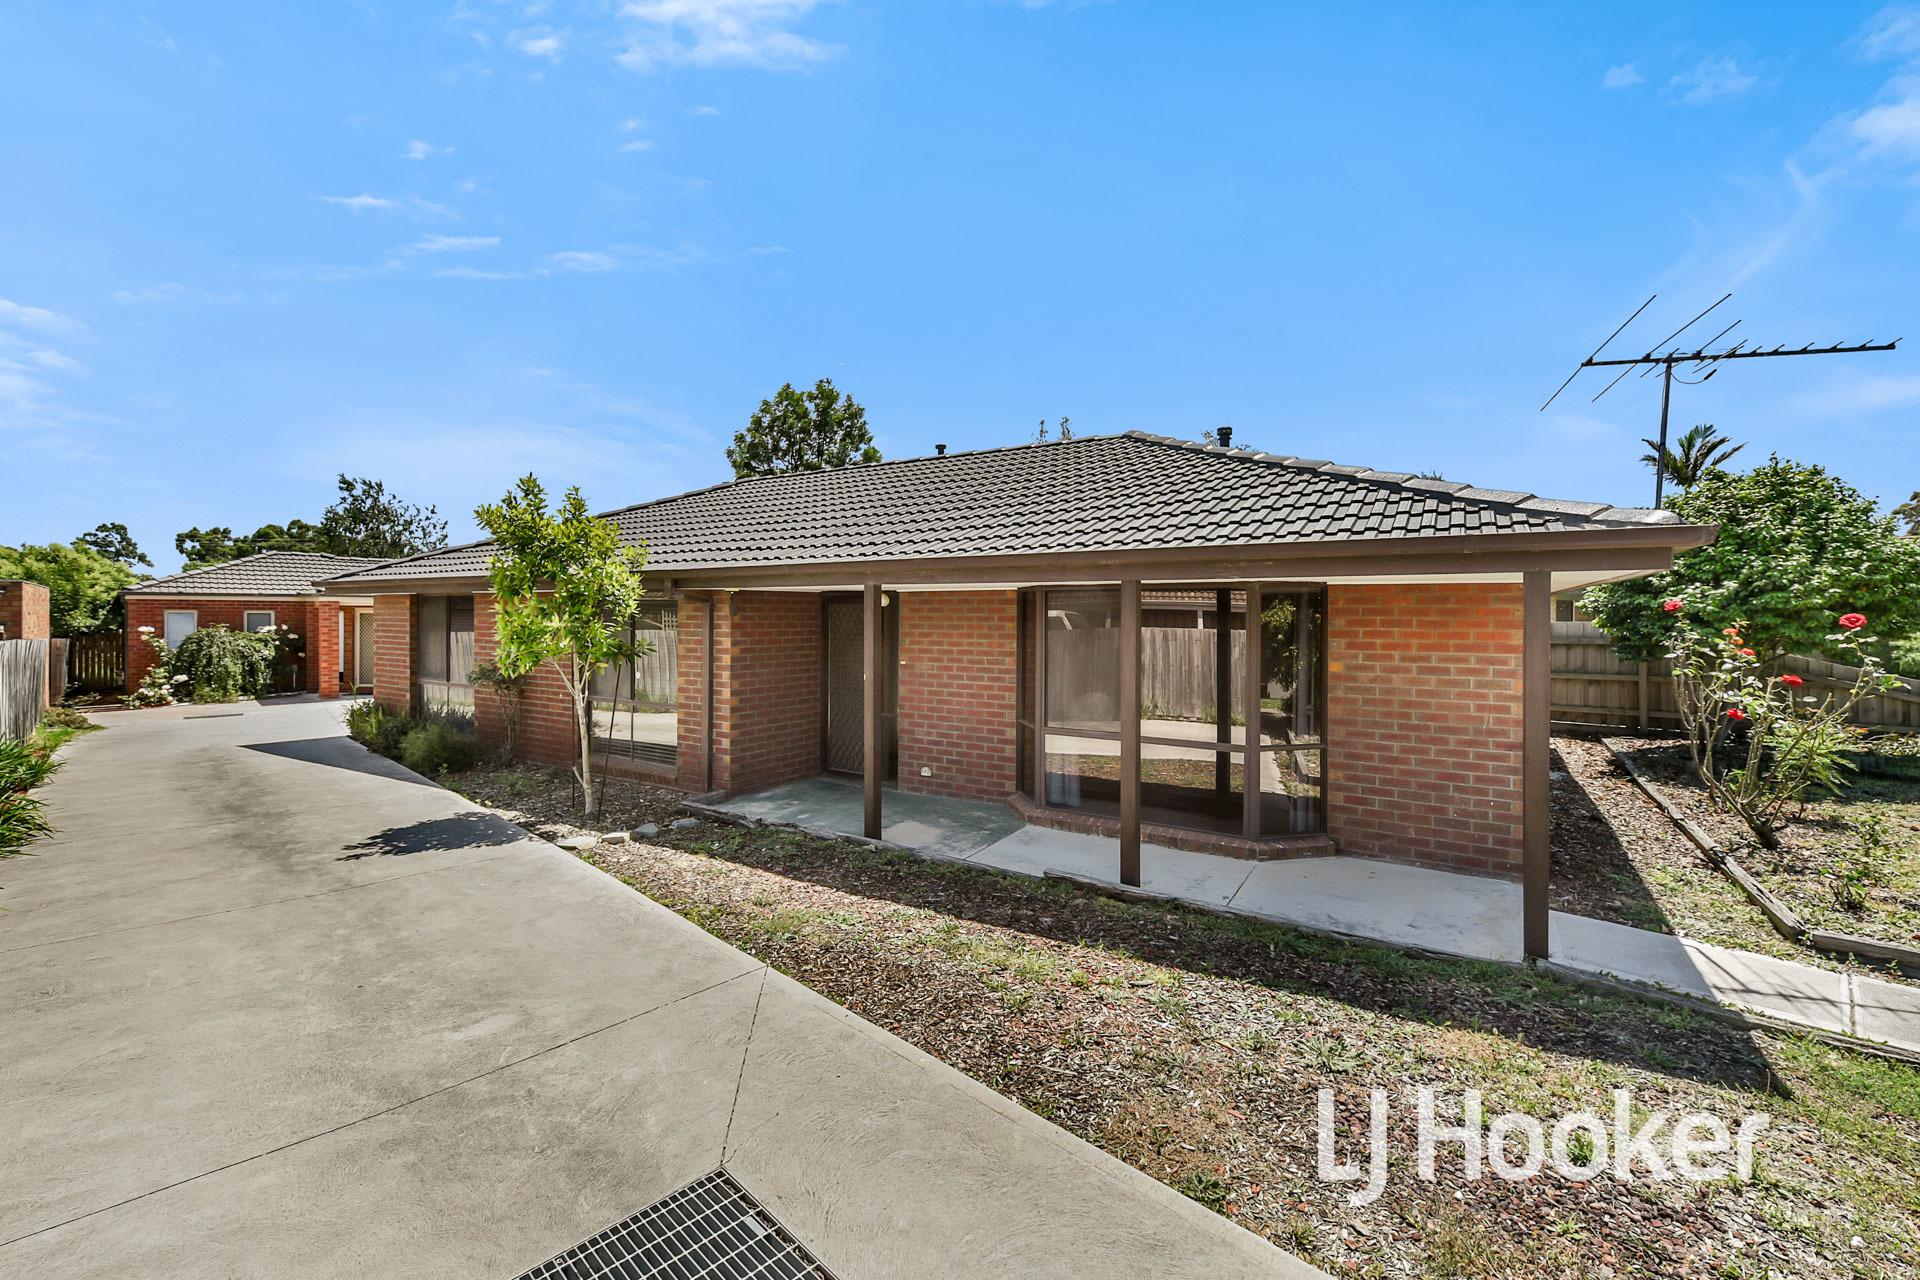 rental properties in hampton park vic 3976 page 1 rent com au rh rent com au